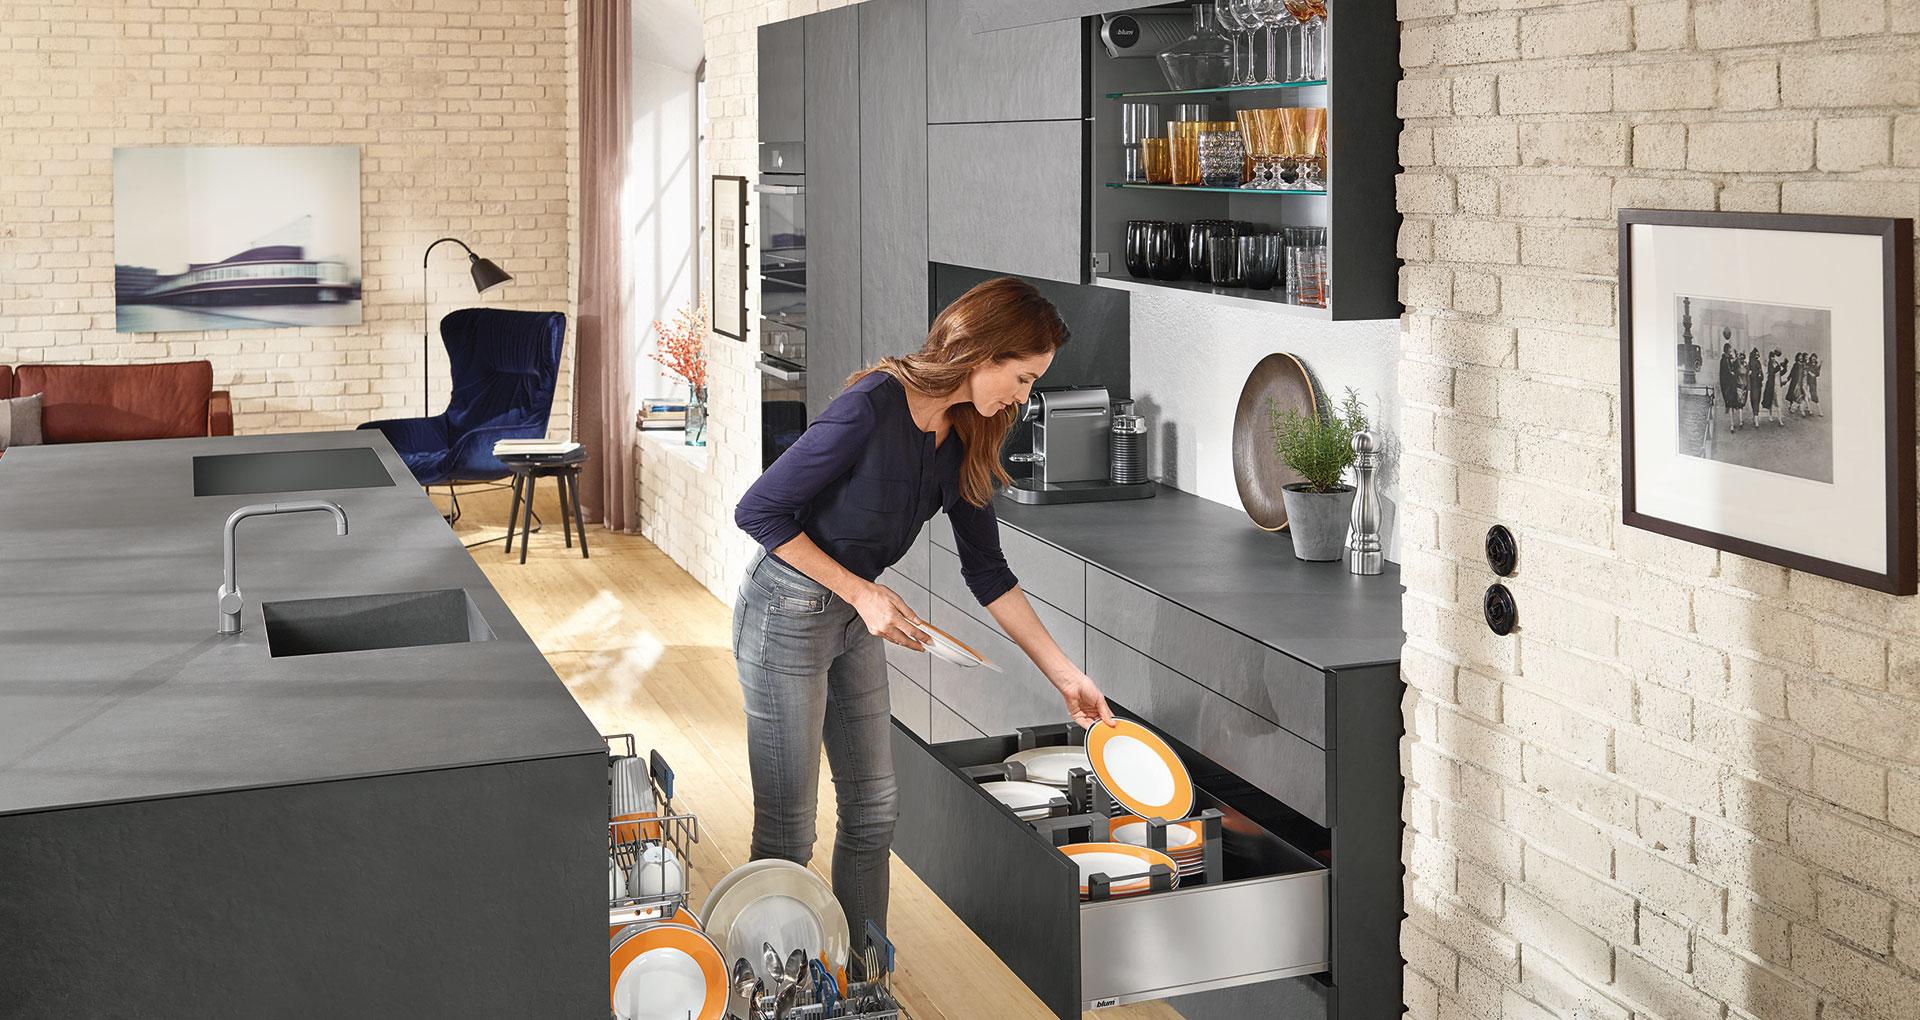 Дизайн кухни должно подчеркивать ее комфорт и эргономику